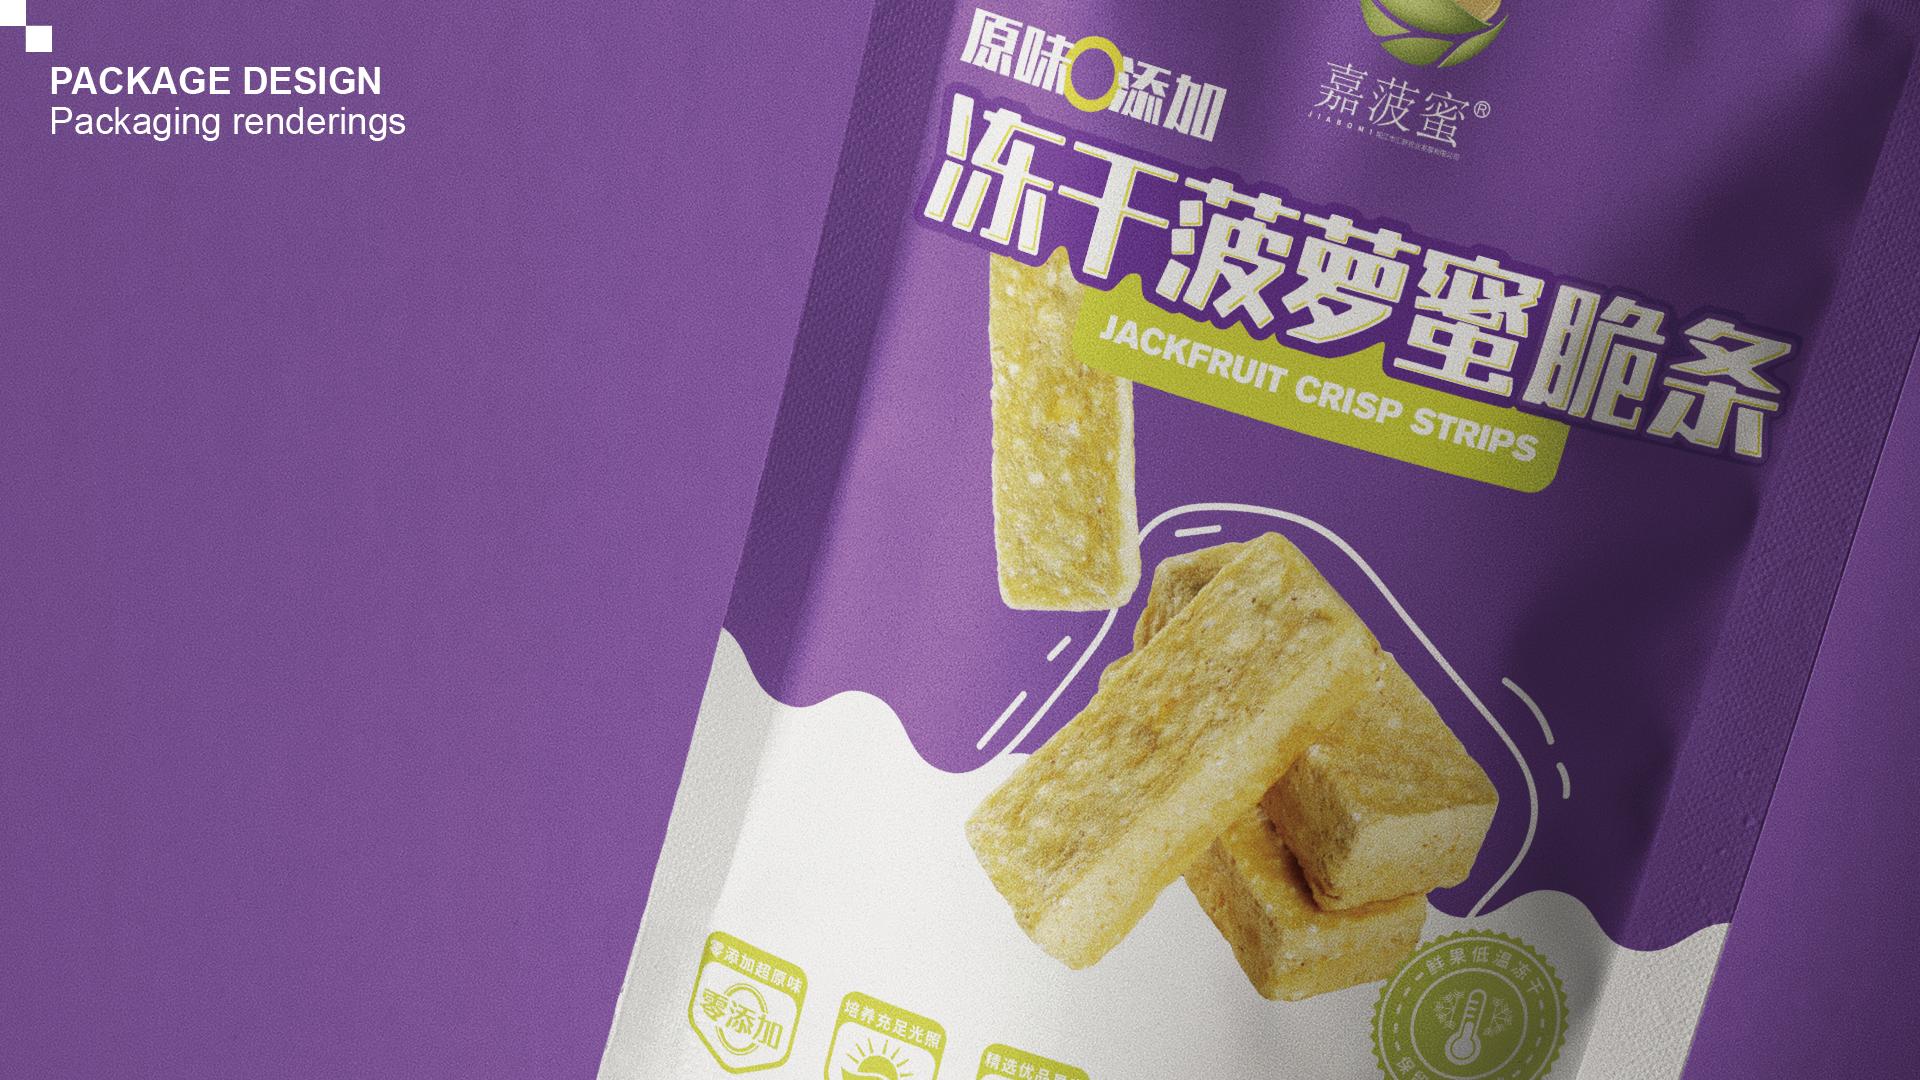 嘉菠蜜食品包装延展设计